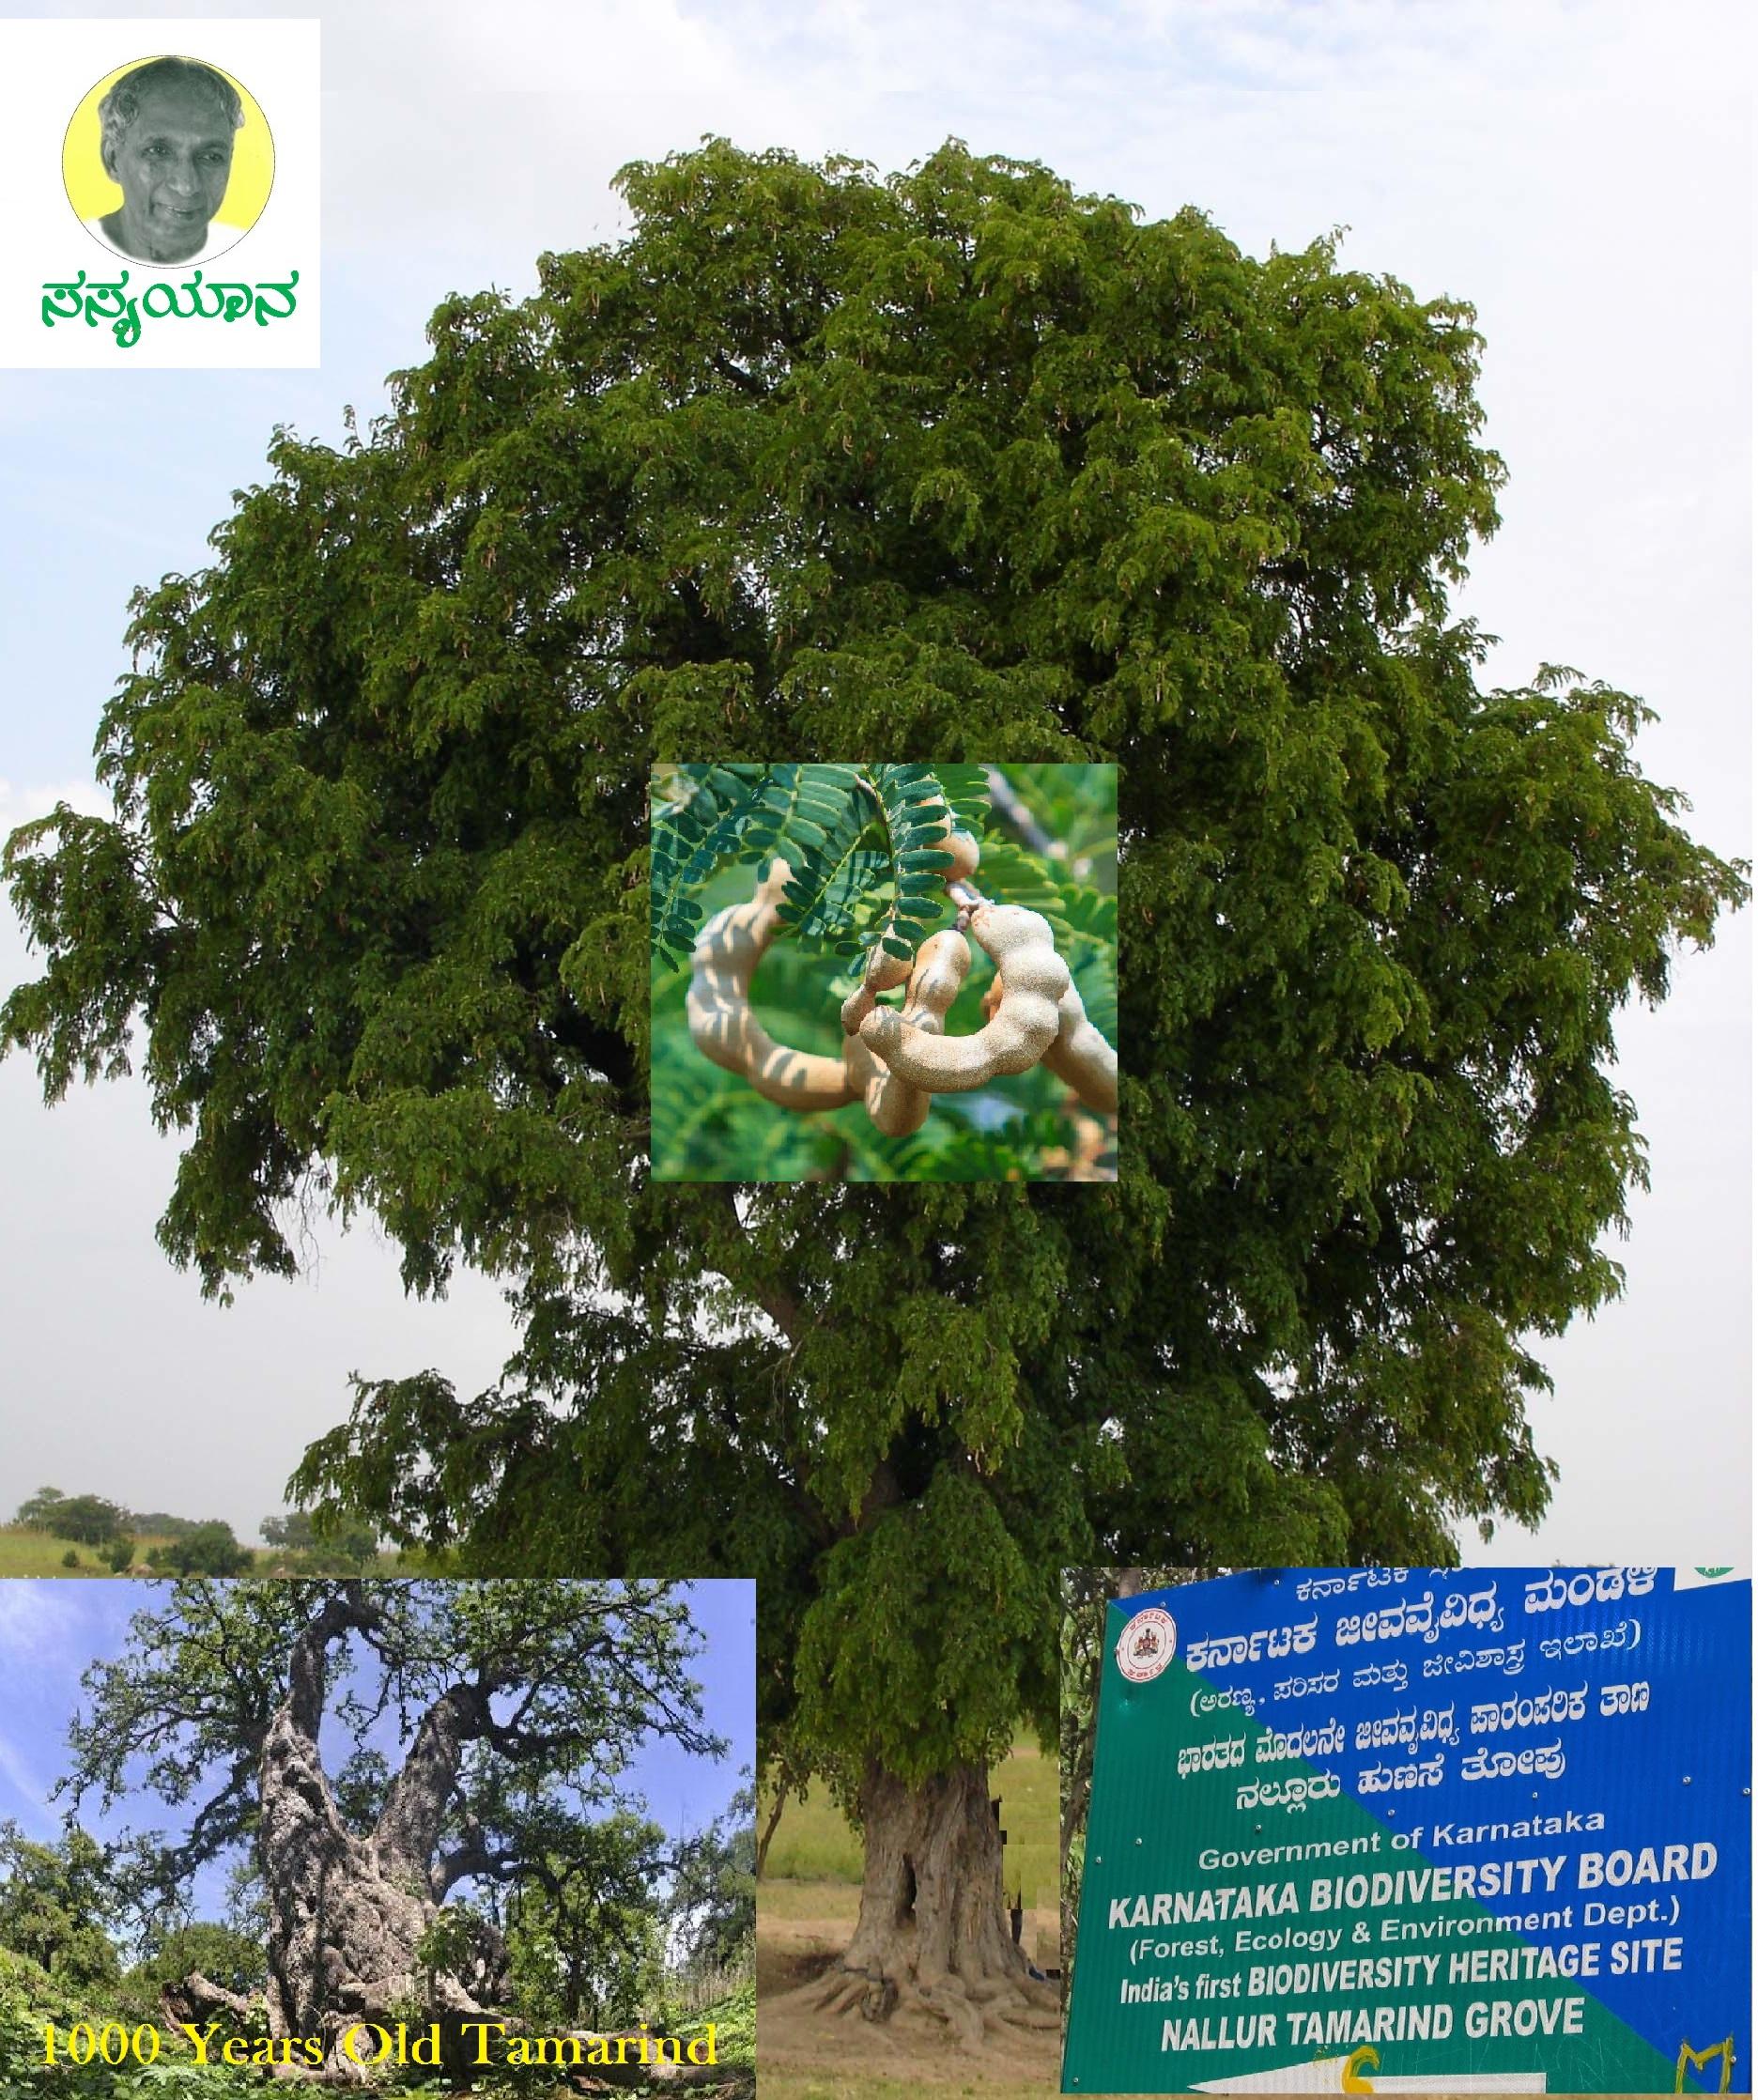 ನಮ್ಮ ನಾಲಗೆಯ ರುಚಿಯನ್ನಾಳುವ ಹುಣಸೆ – Tamarindus indica